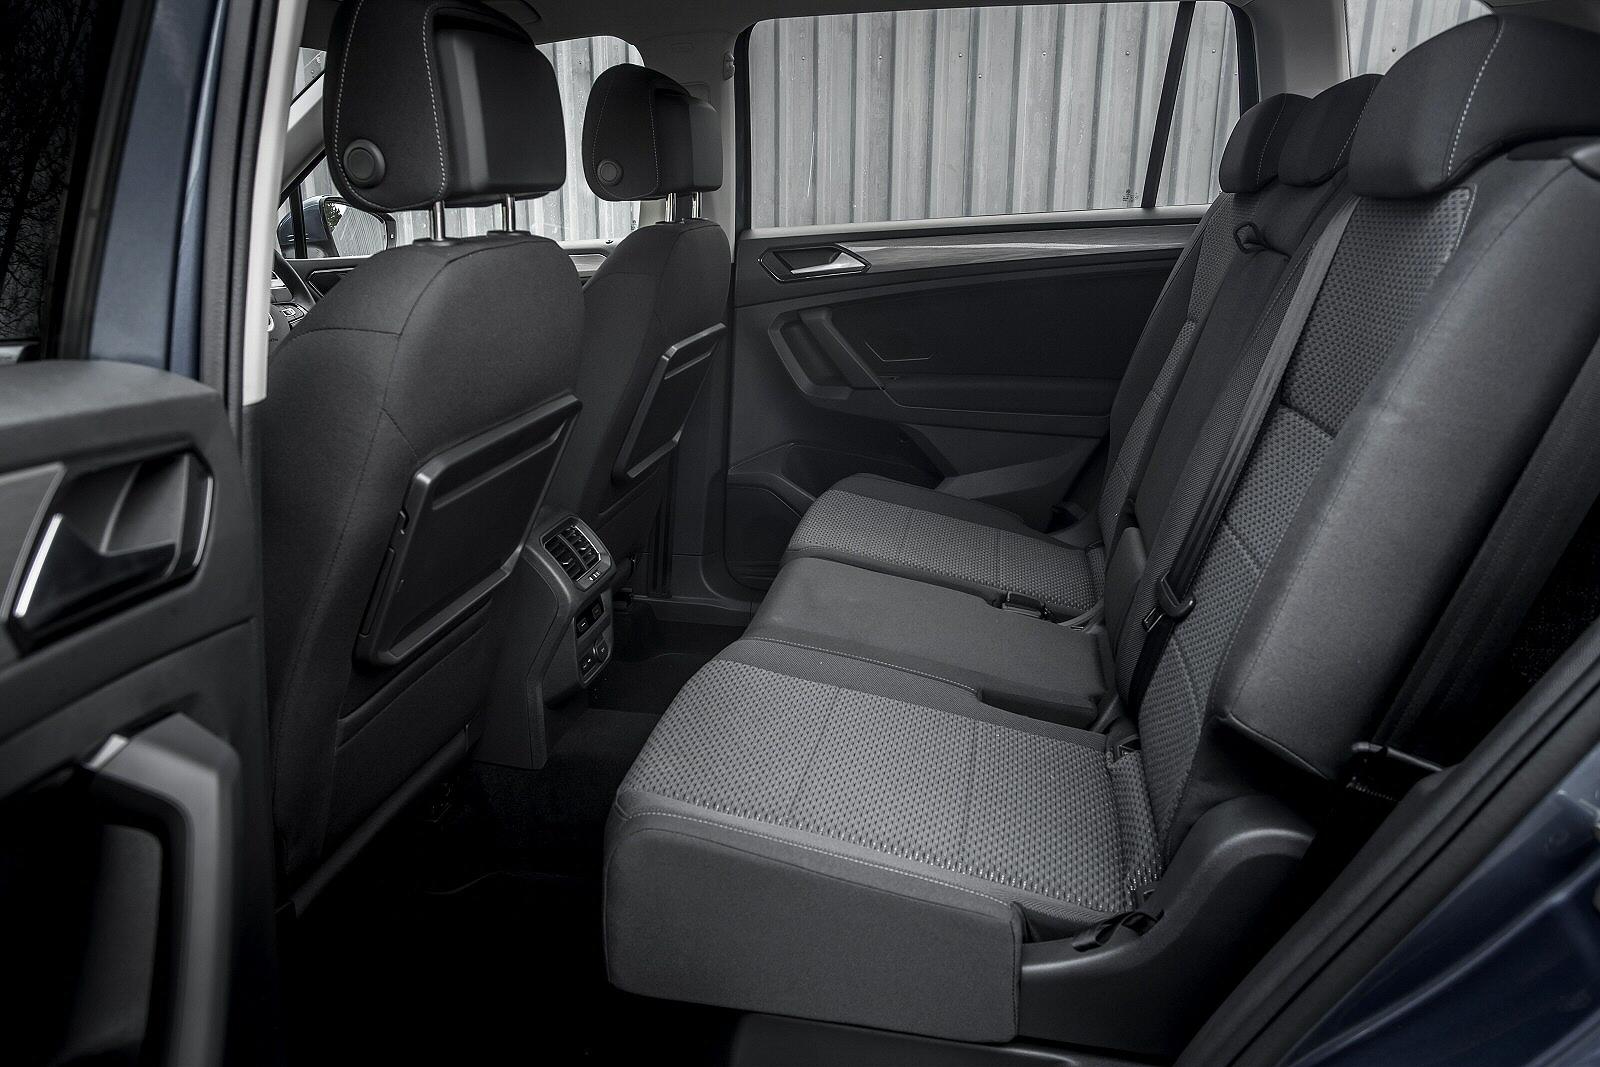 VolkswagenTiguanAllspace0219Int(3)